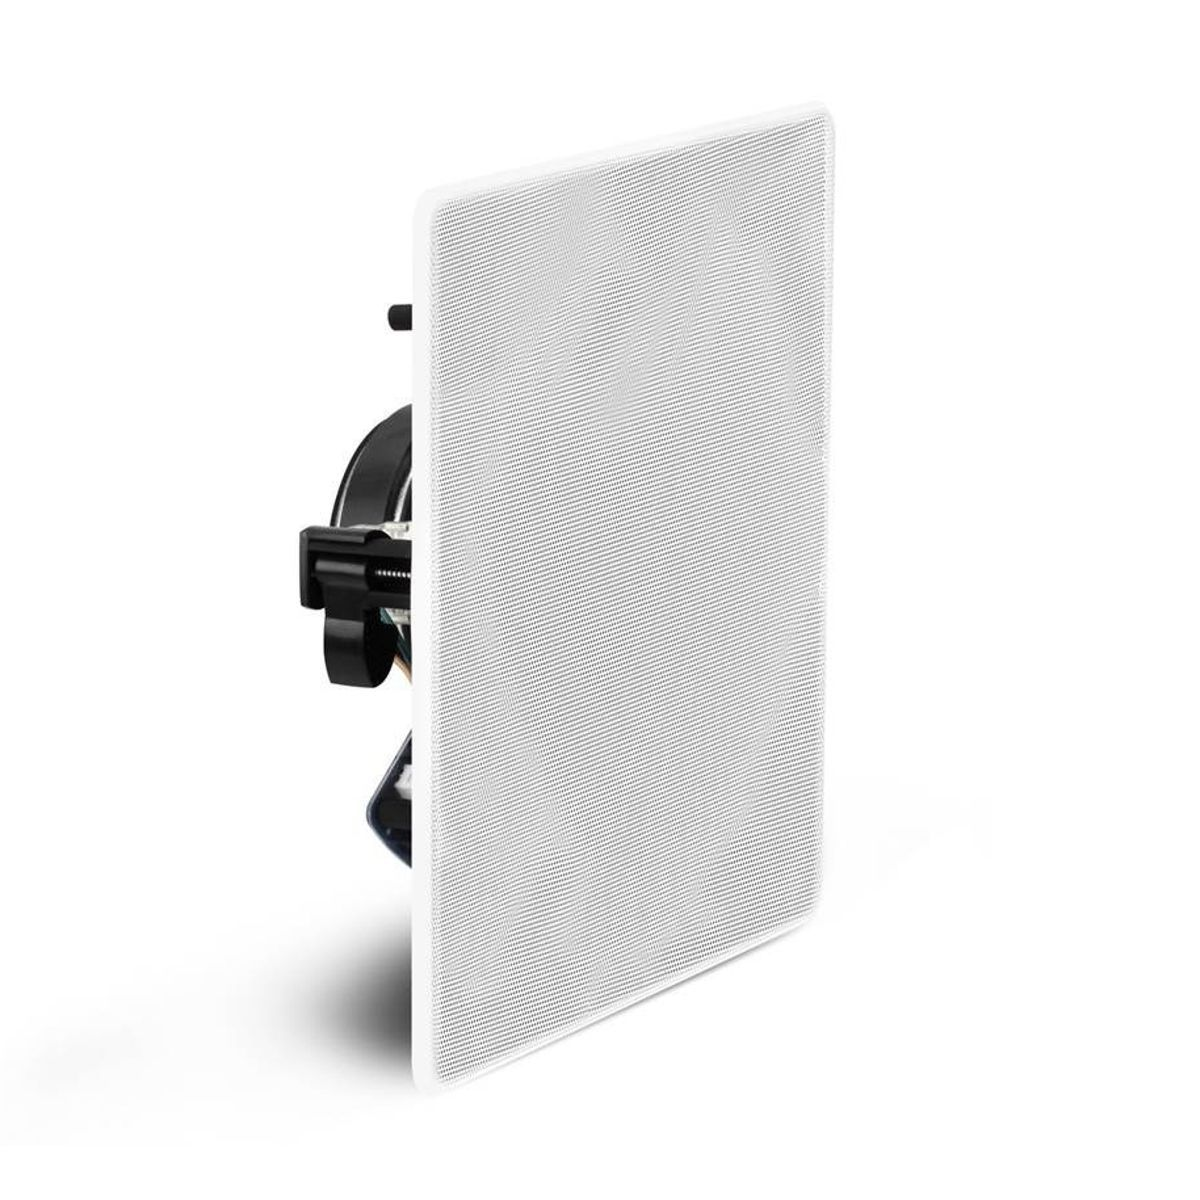 Caixa de Embutir no Gesso Tela Quadrada Borderless NQ6-M100 AAT (PAR)